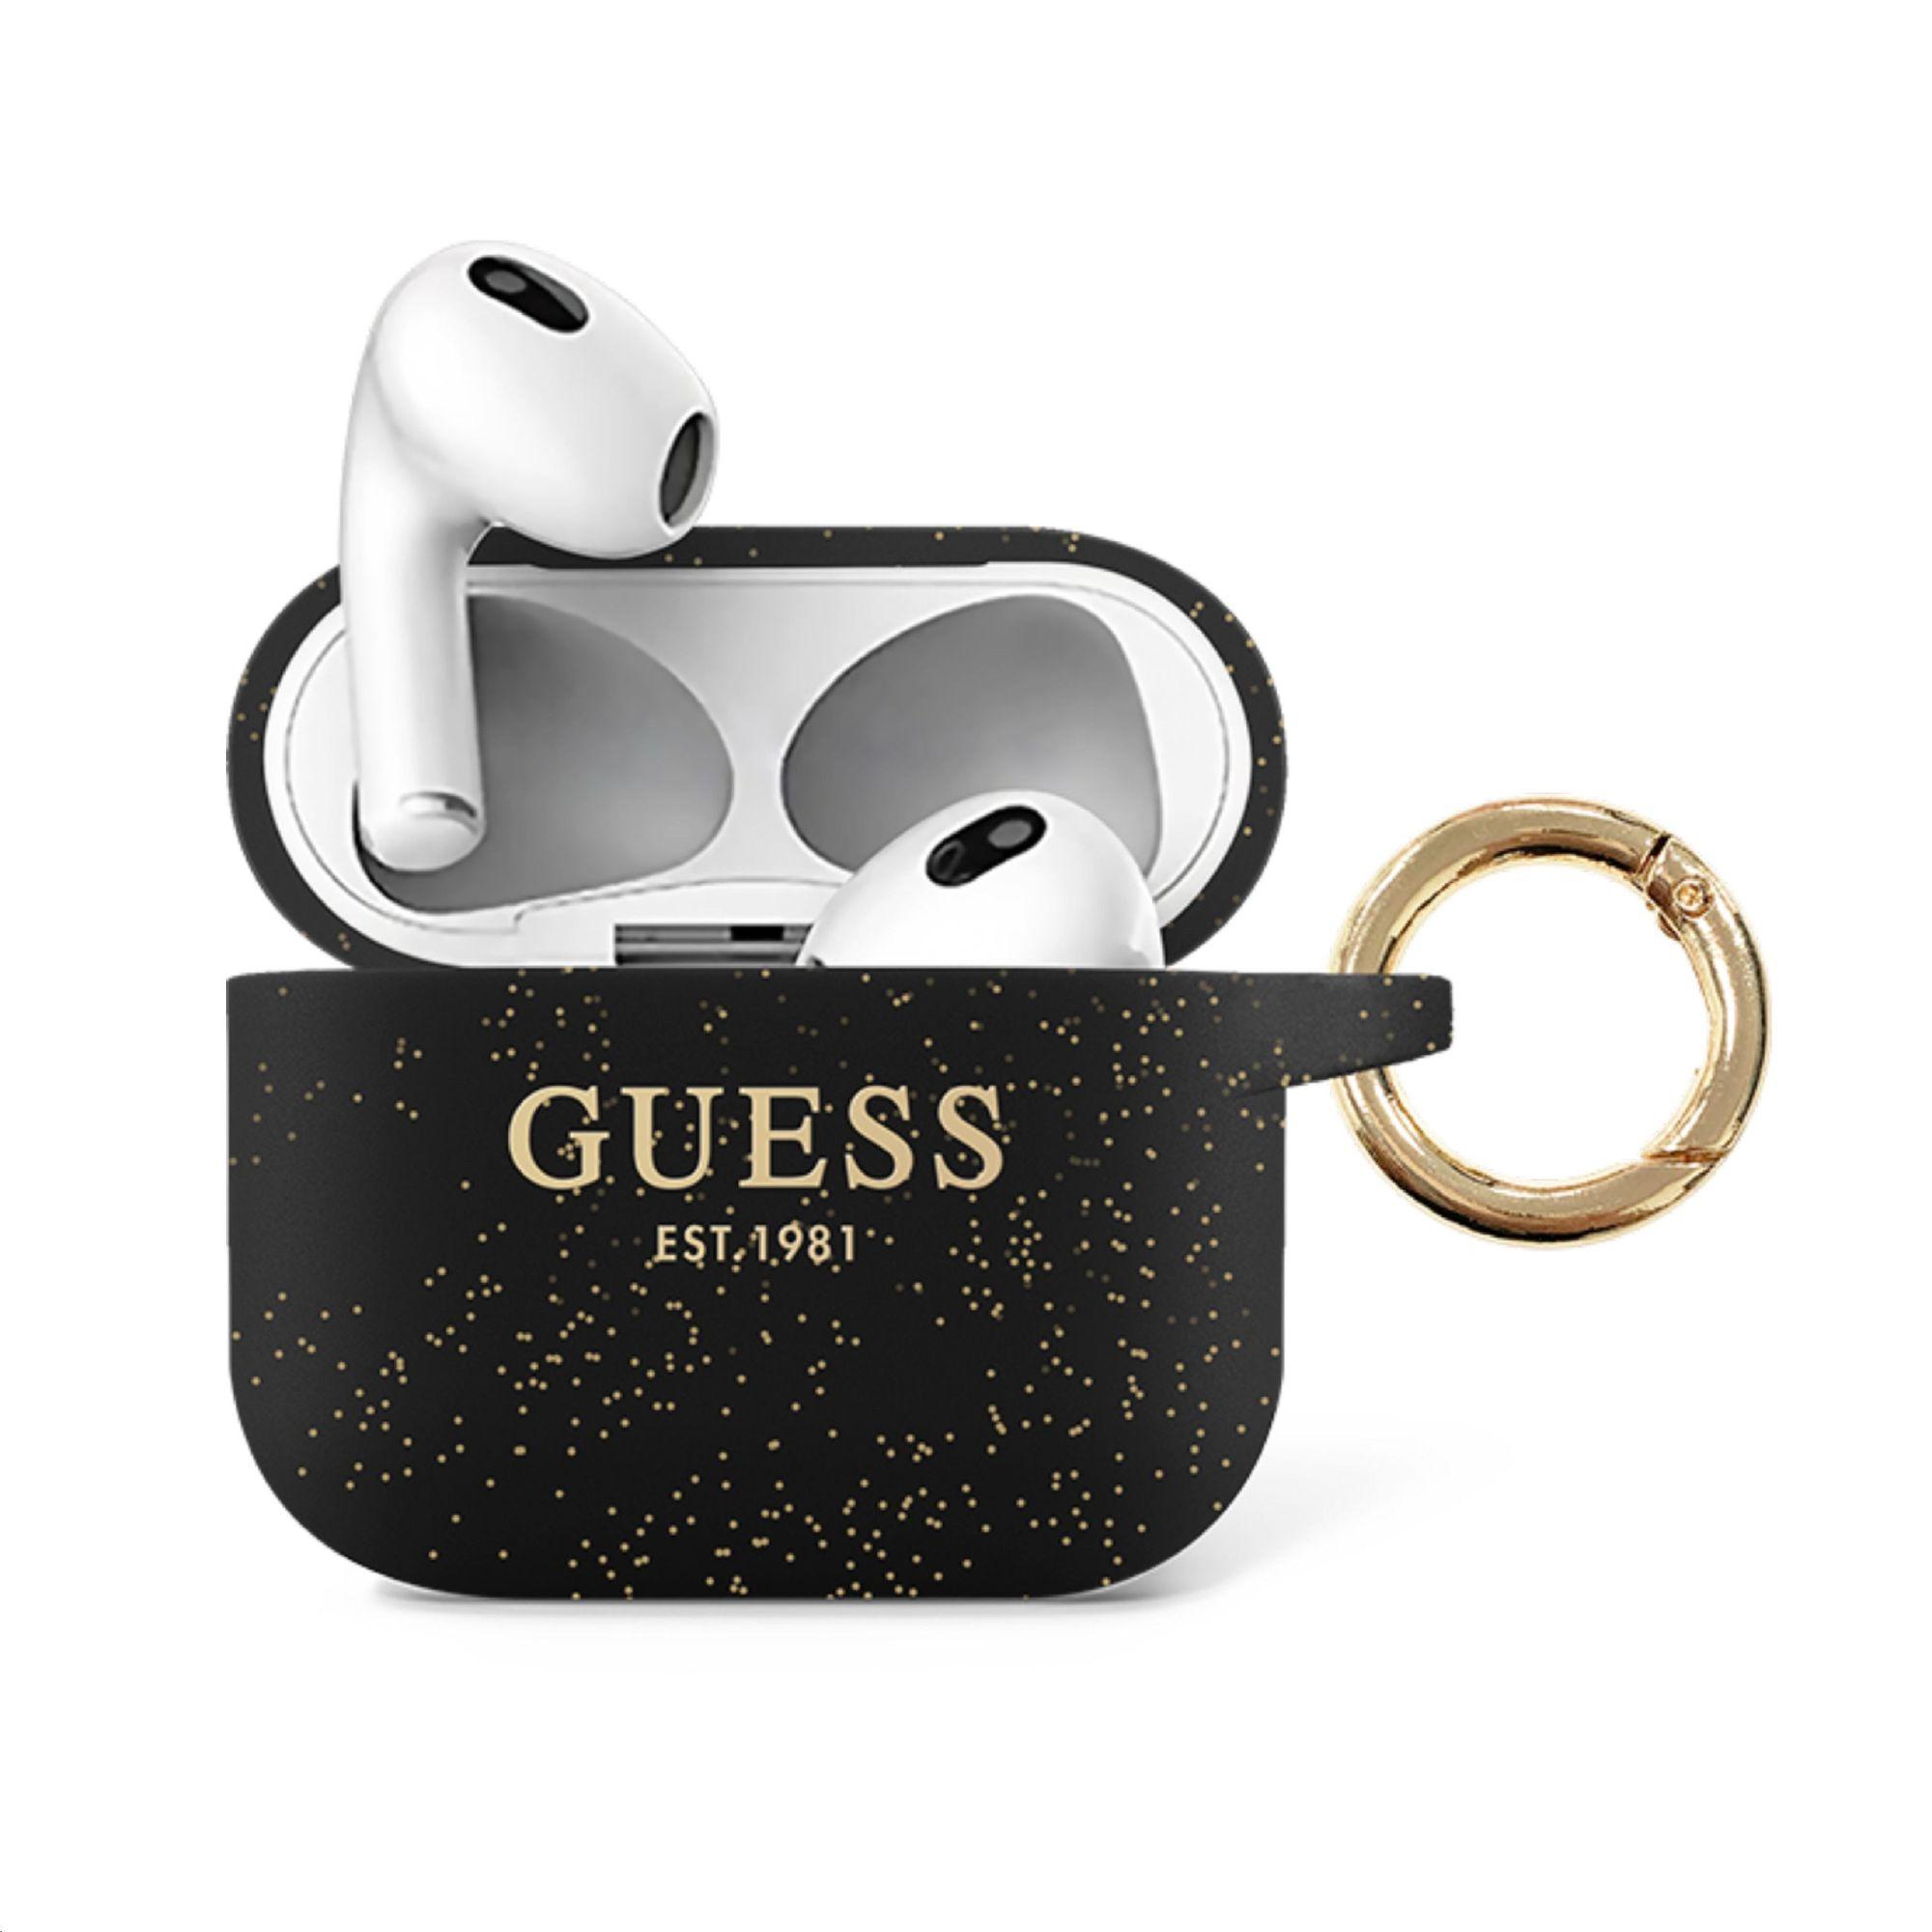 GUA3SGGEK Guess Glitter Printed Logo Silikonové Pouzdro pro Airpods 3 Black 3666339010287